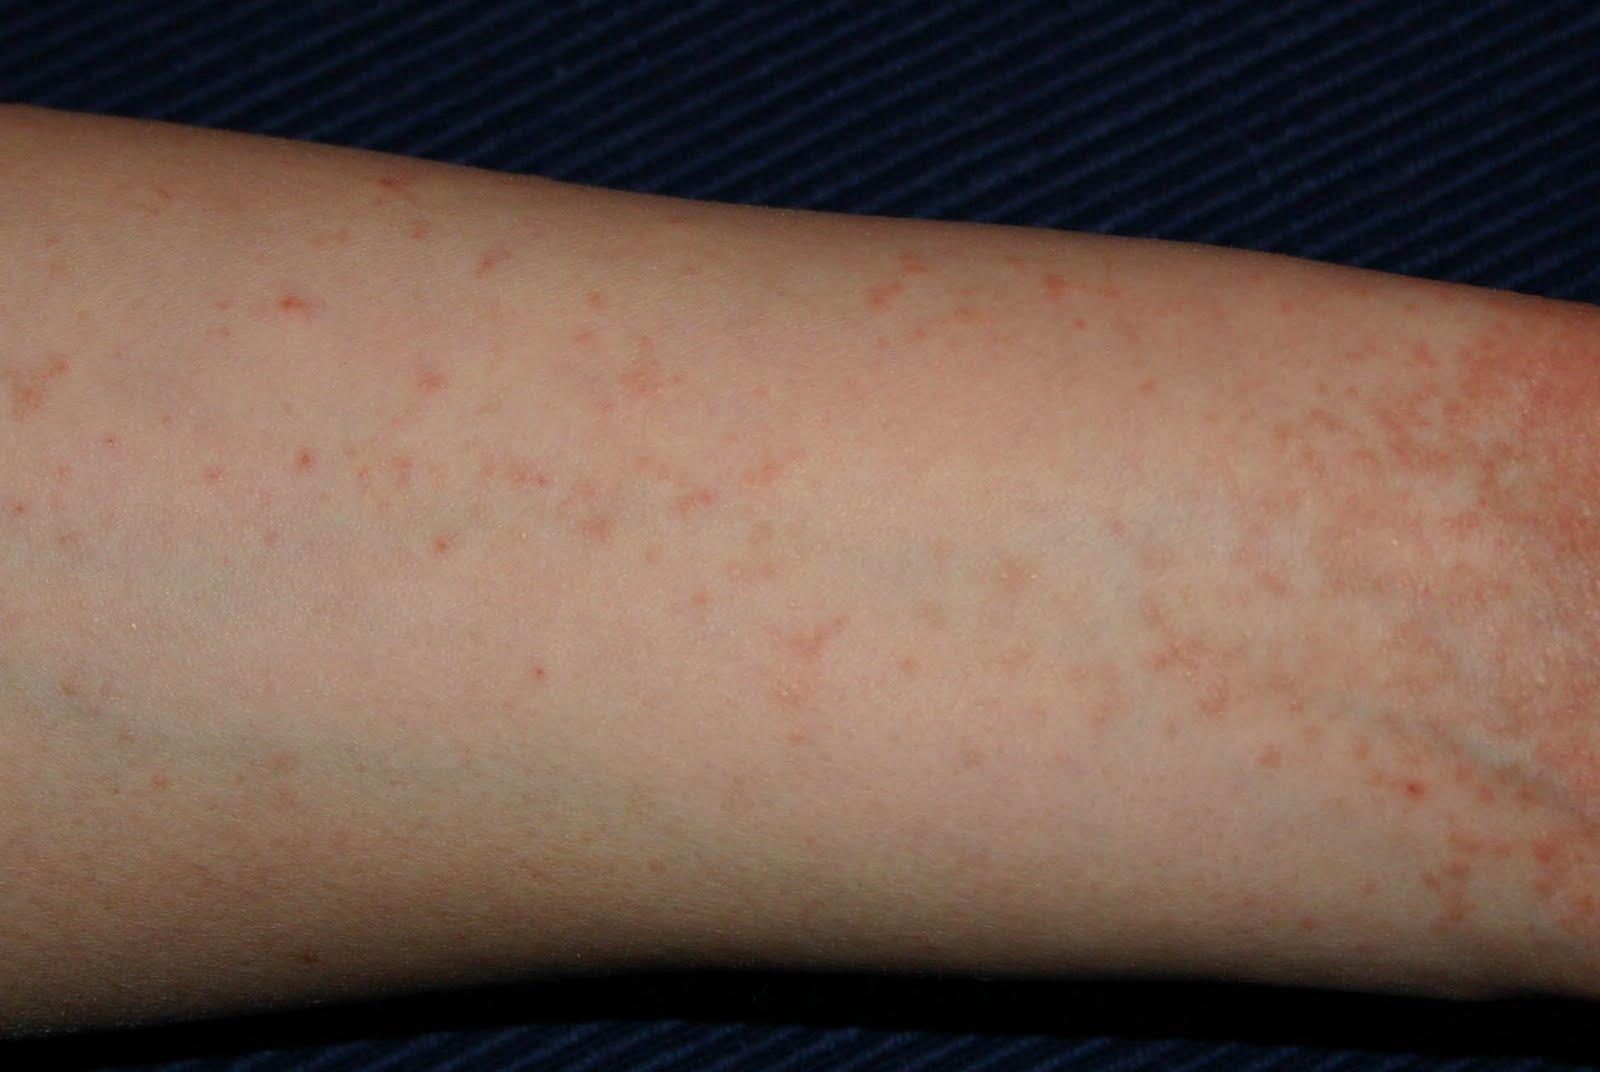 vörös foltok a karokon és a lábakon kezelés lotion clean body from pikkelysömör érdekében